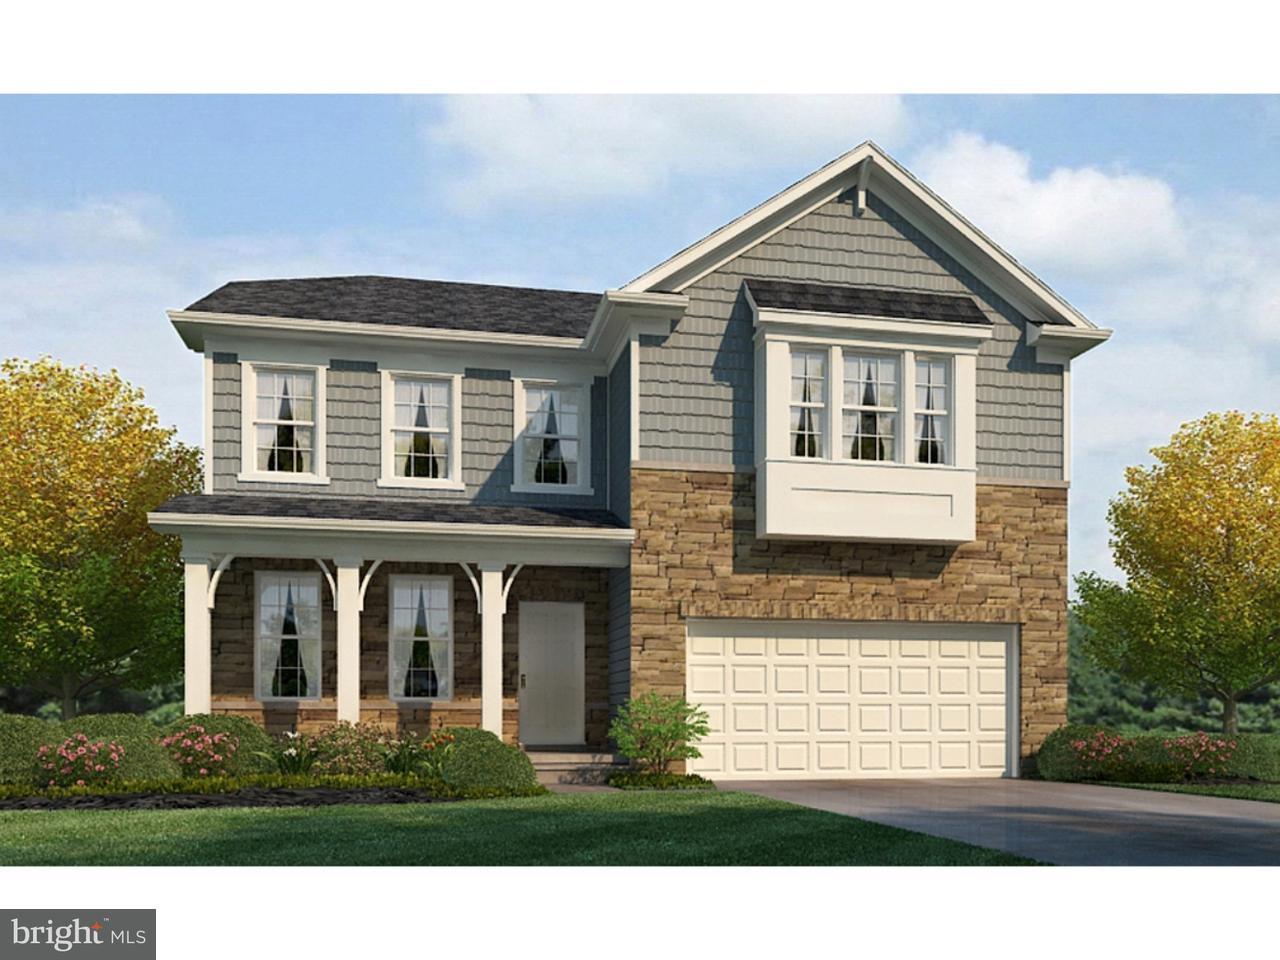 Casa Unifamiliar por un Venta en 5 STAMFORD Place Evesham Twp, Nueva Jersey 08053 Estados Unidos